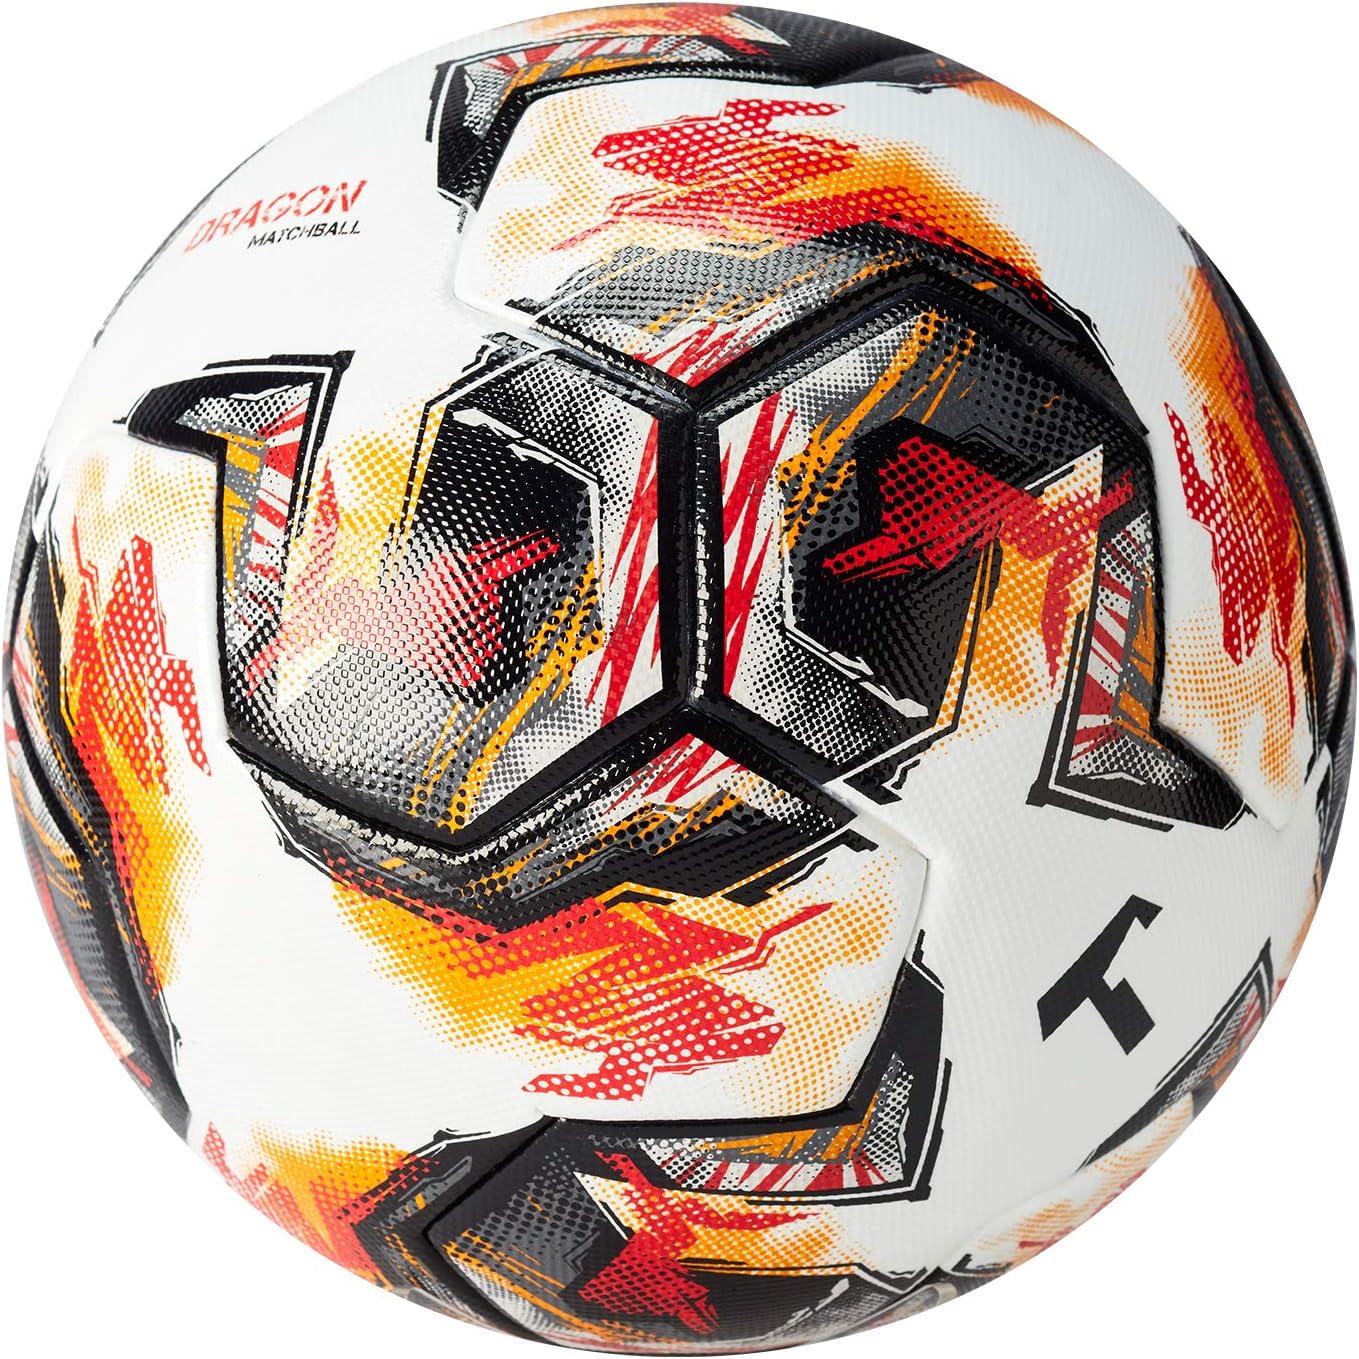 T1TAN Dragon Matchball Gr. 5 für Vereine - Fussball Spielball Herren & Frauen Größe 5 - Thermobonded Ball - nahtlos verklebt: Amazon.de: Sport & Freizeit -